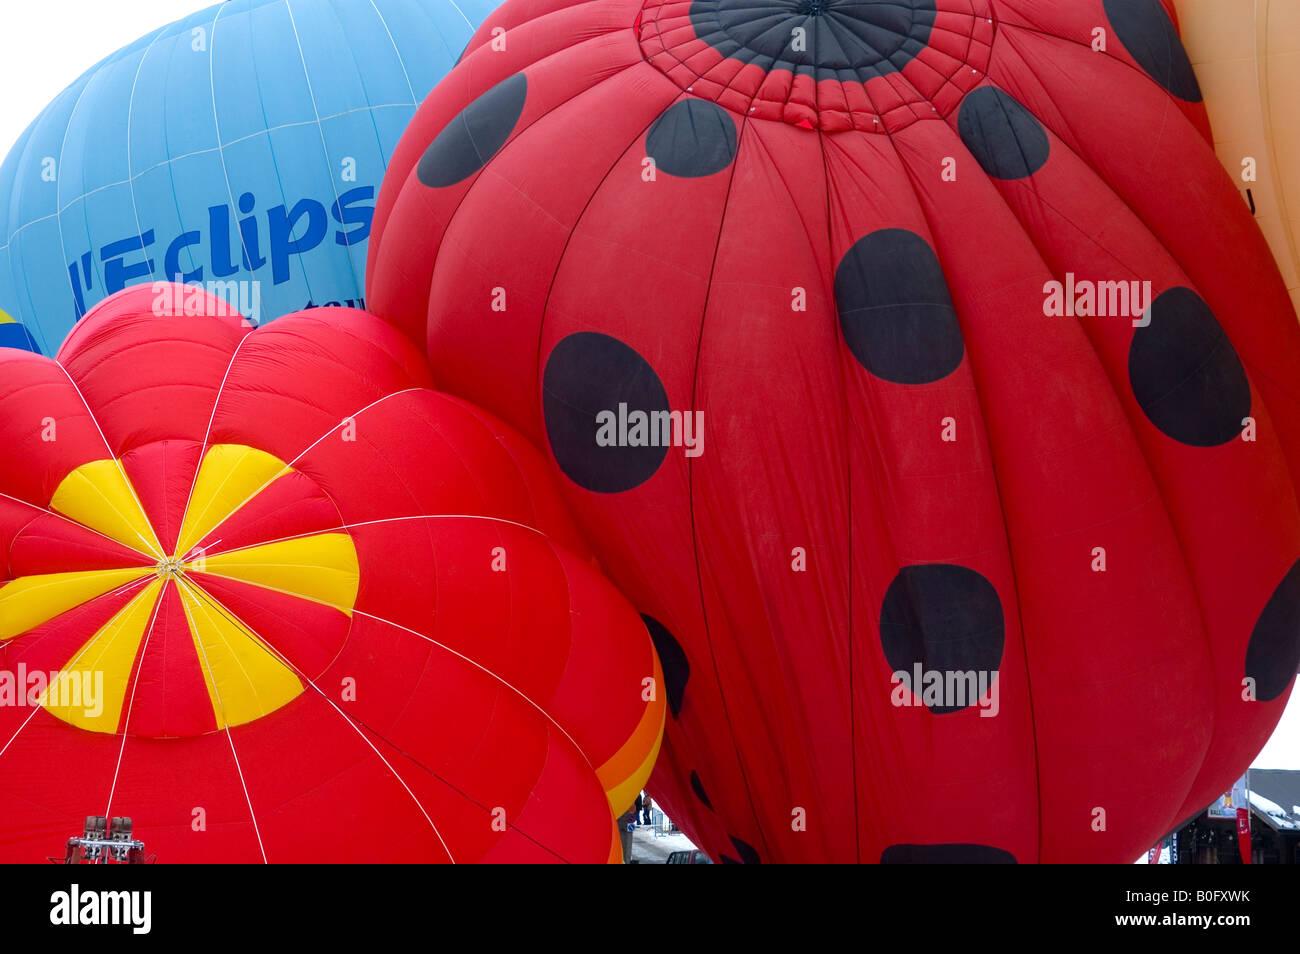 Ballon Air Chaud International Festival à Chateu d oex Vaud Schweiz Banque D'Images